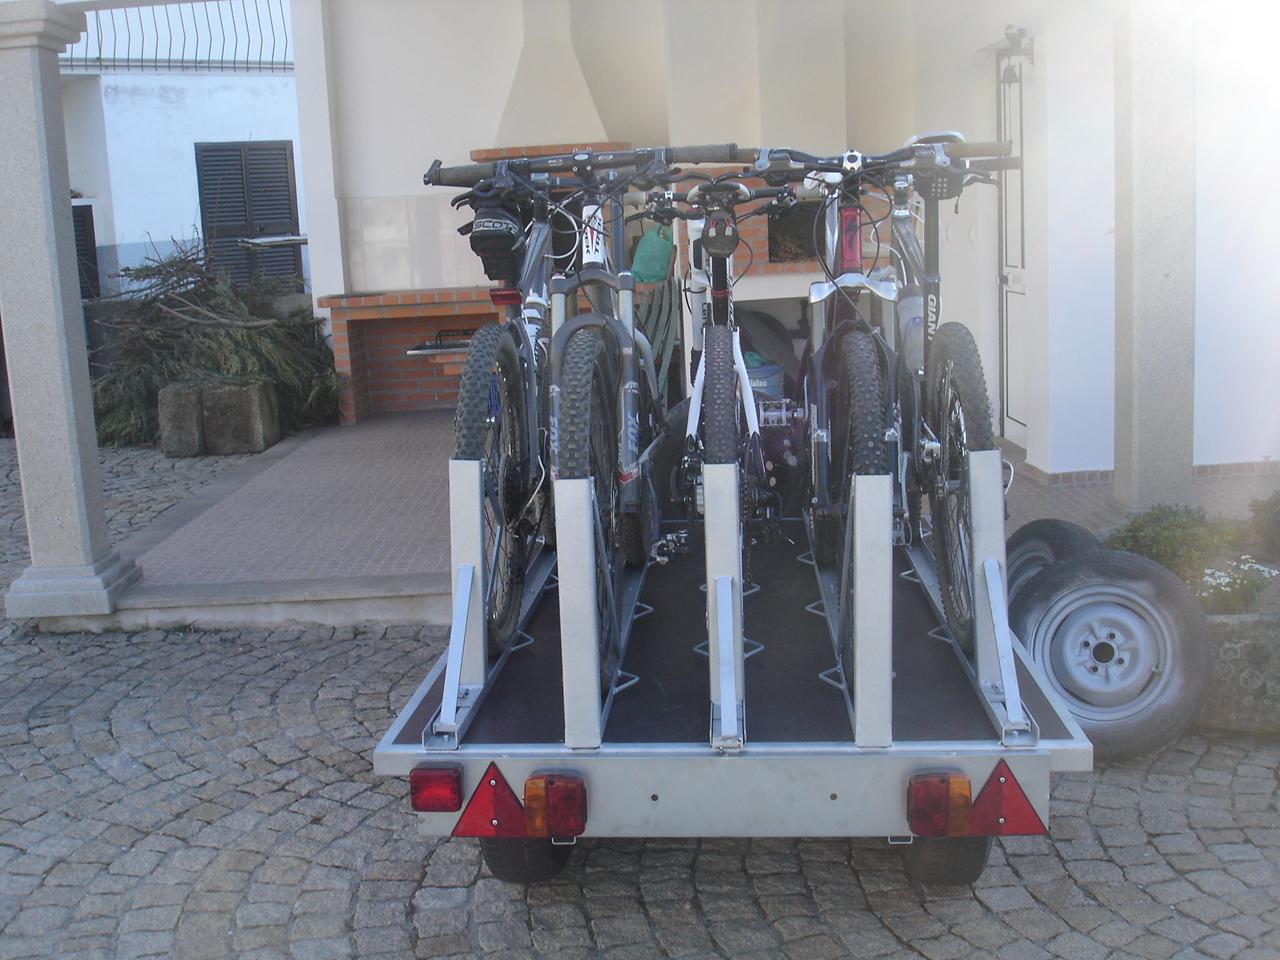 Ajuda - Vou modificar um atrelado só para levar as bikes DSC00249